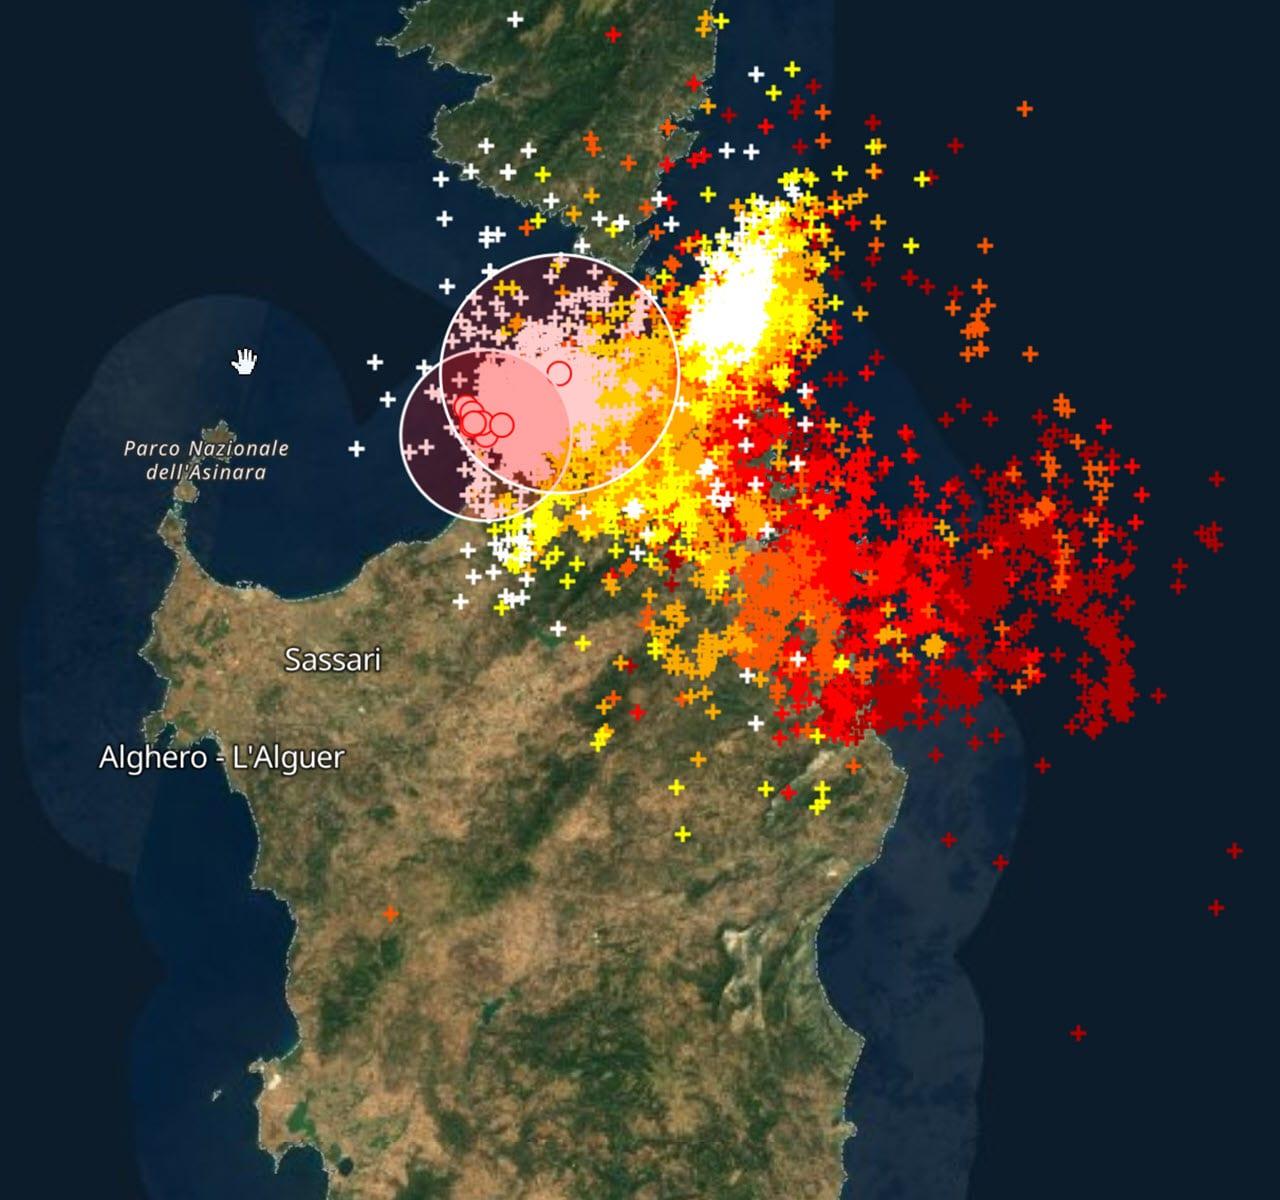 fulmini ultime due ore in sardegna - Gallura, La Maddalena, Orosei, Tortolì e Arbatax e non solo: temporali con meteo inclemente